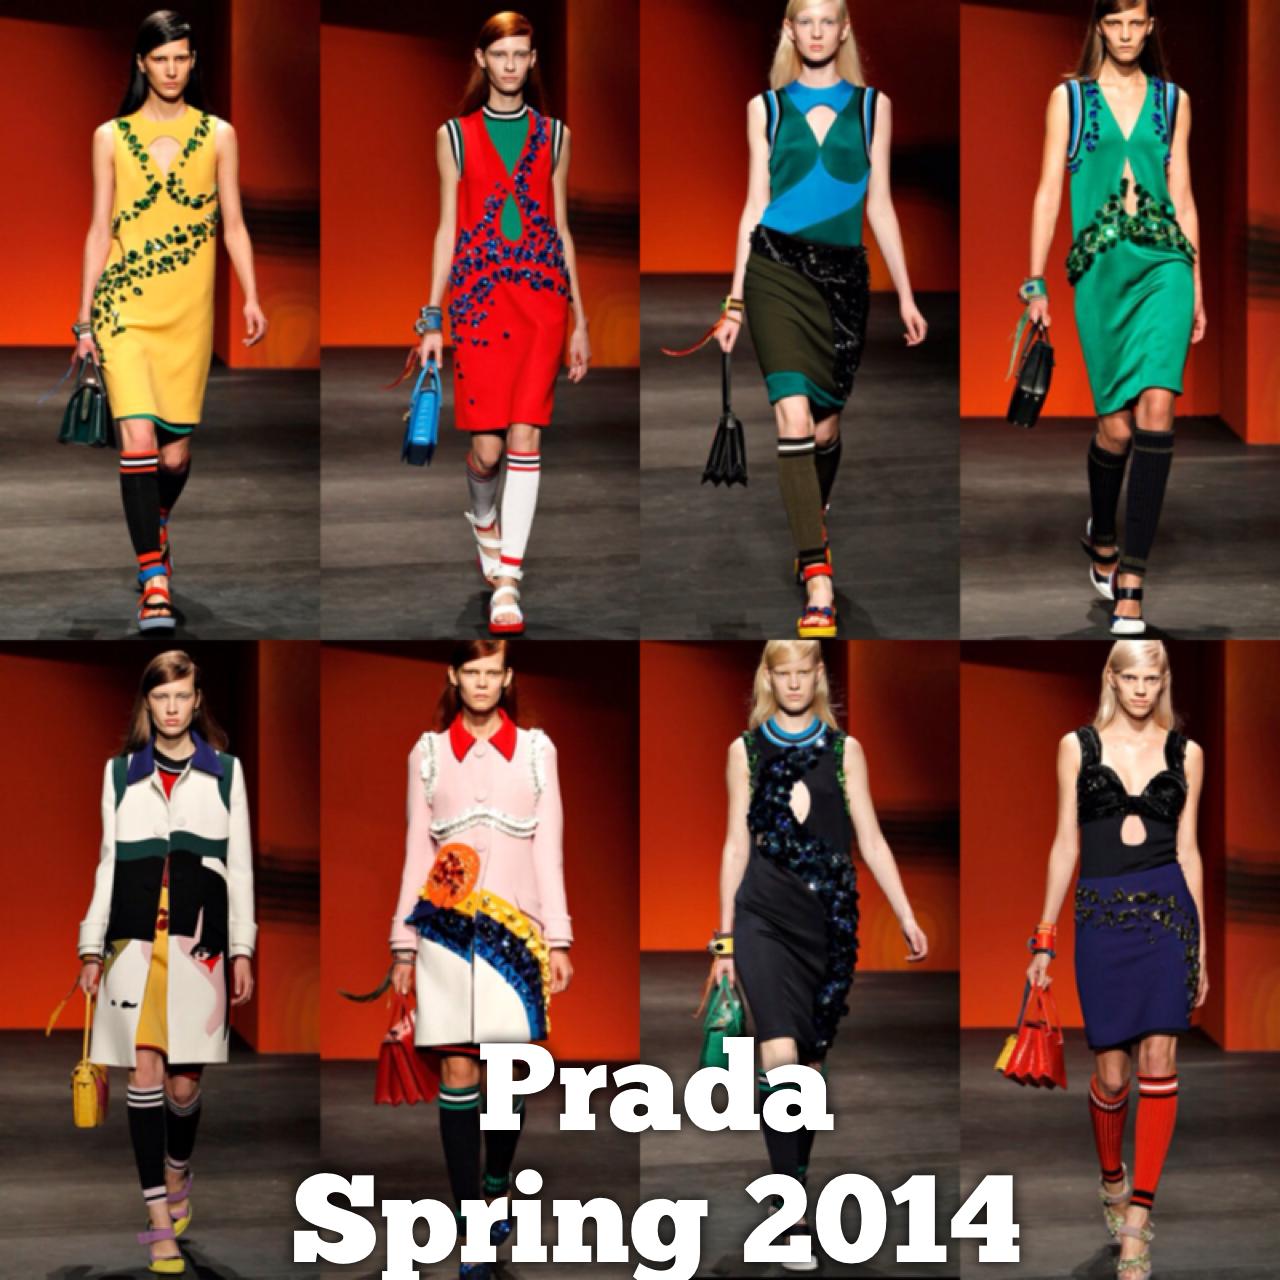 Spring 2014 Prada